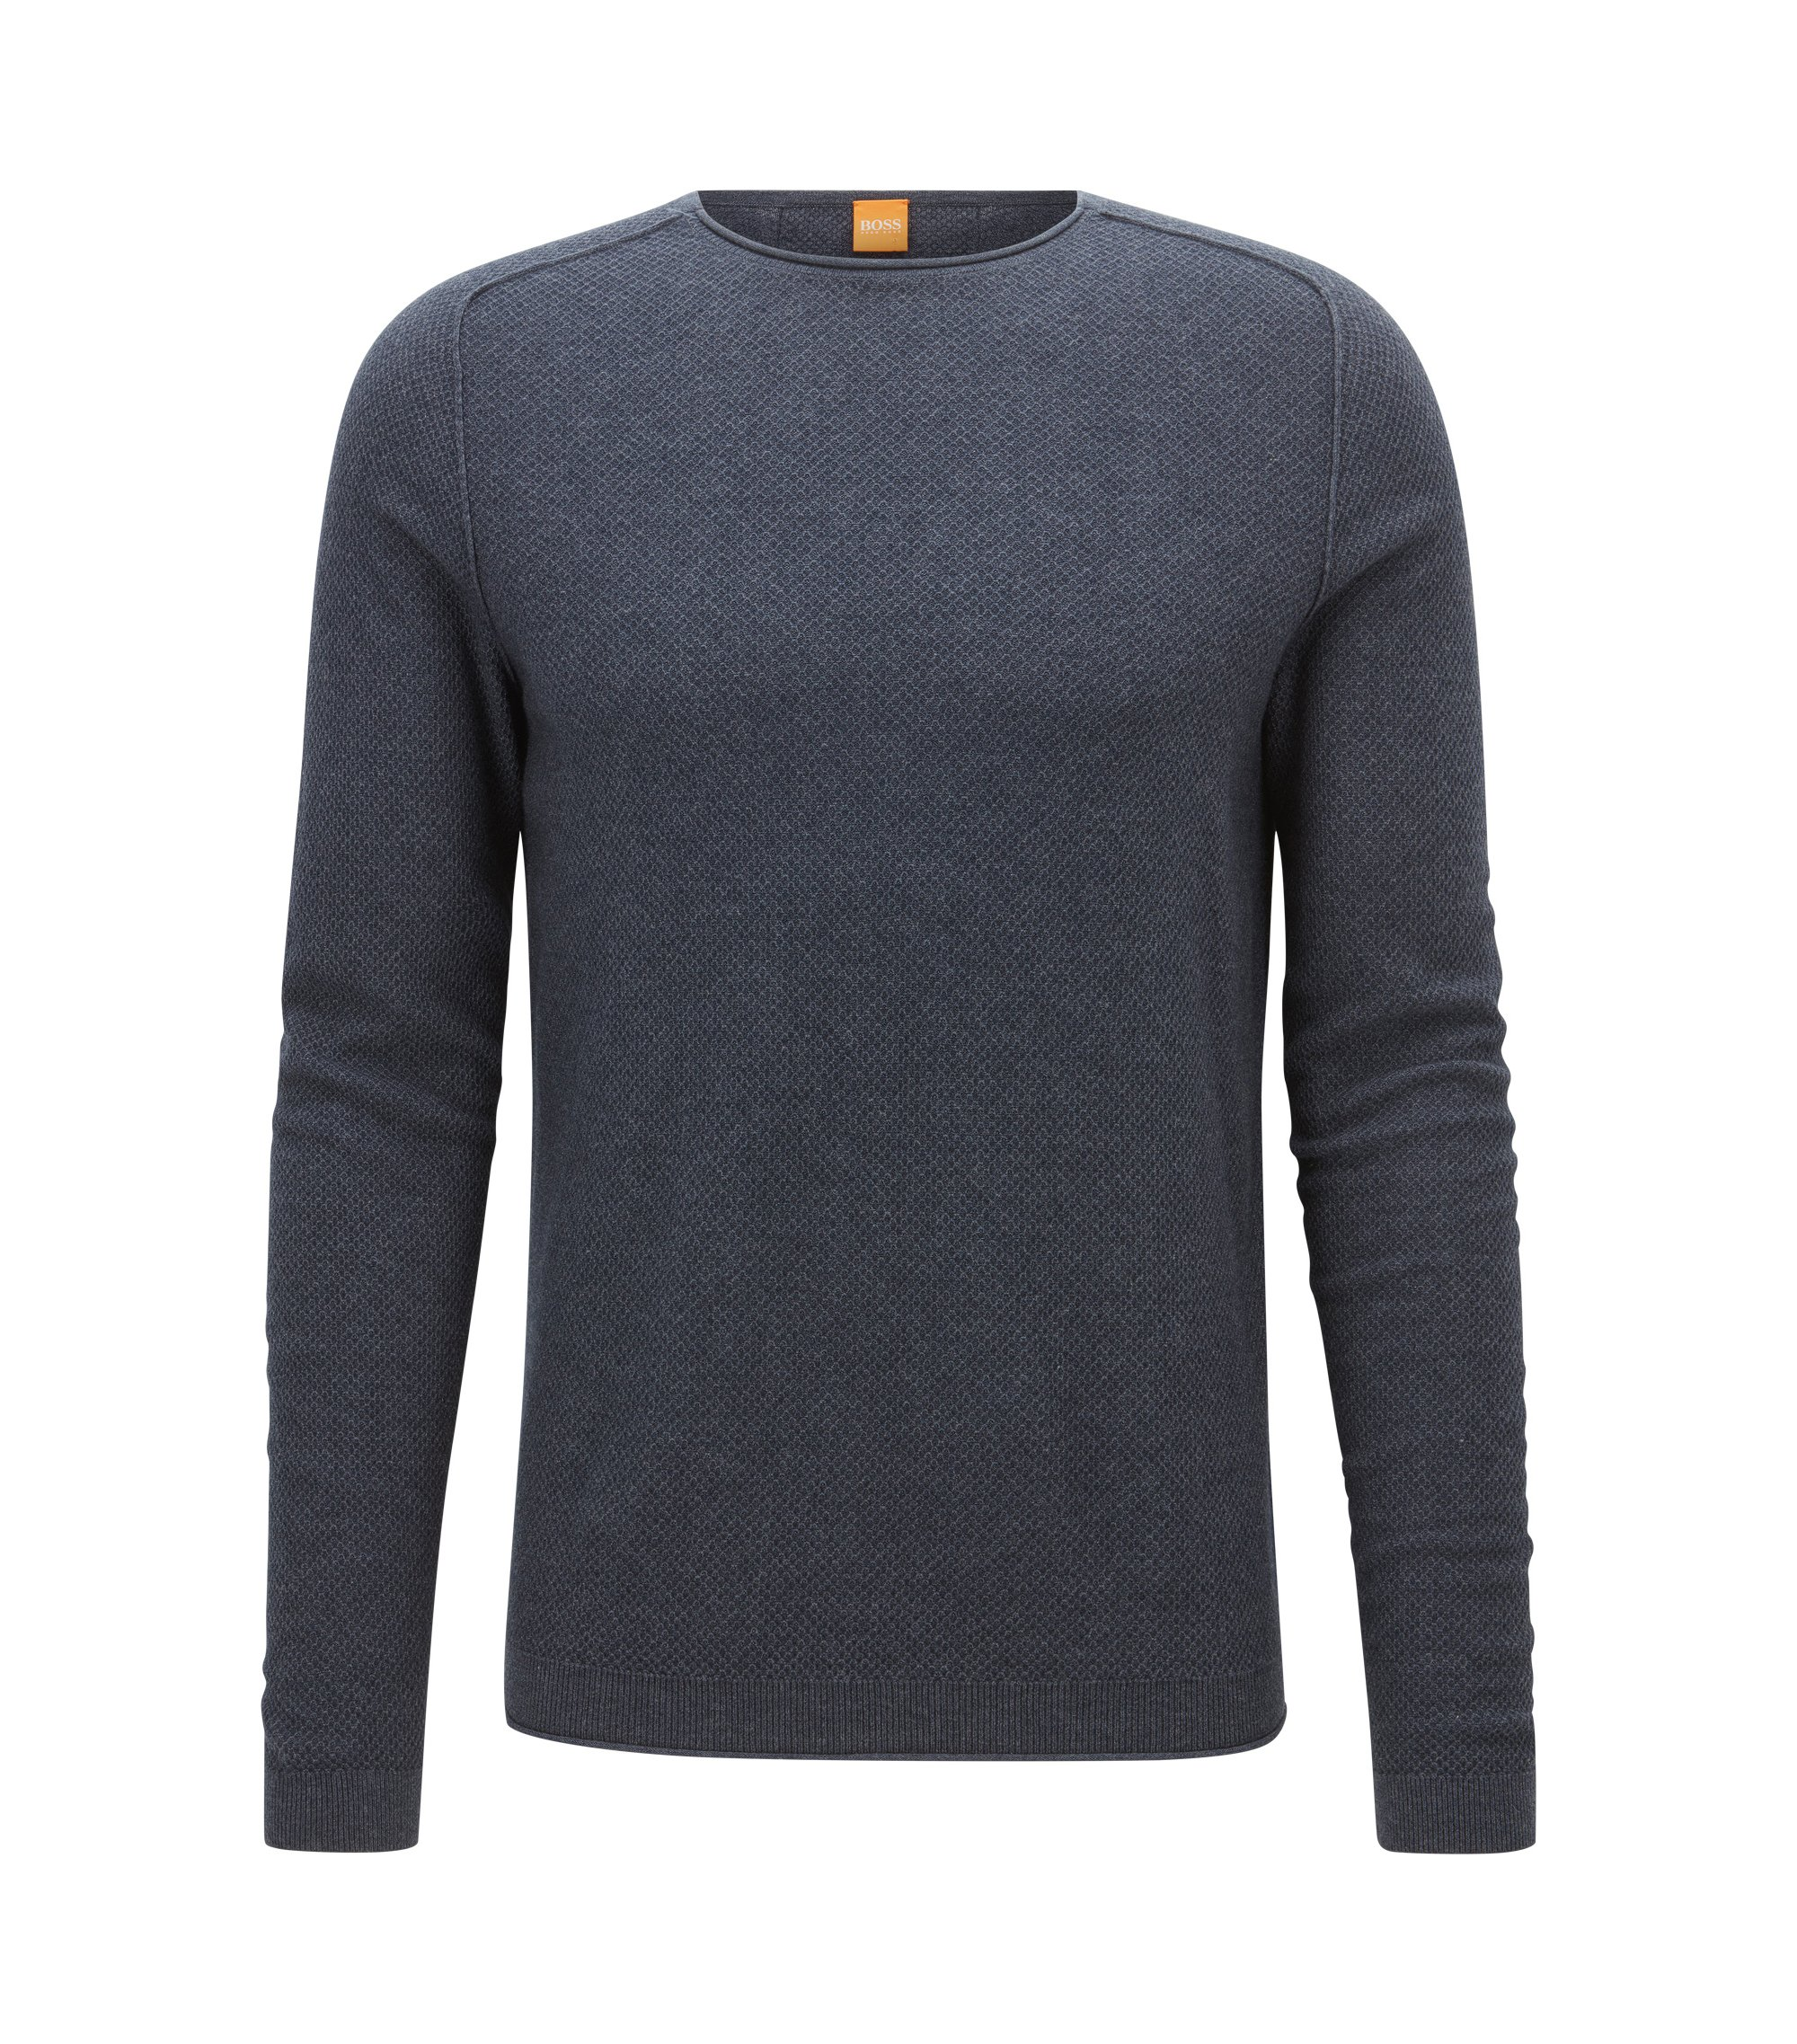 Regular-Fit Pullover aus strukturiertem Baumwoll-Mix mit Schurwolle, Dunkelblau